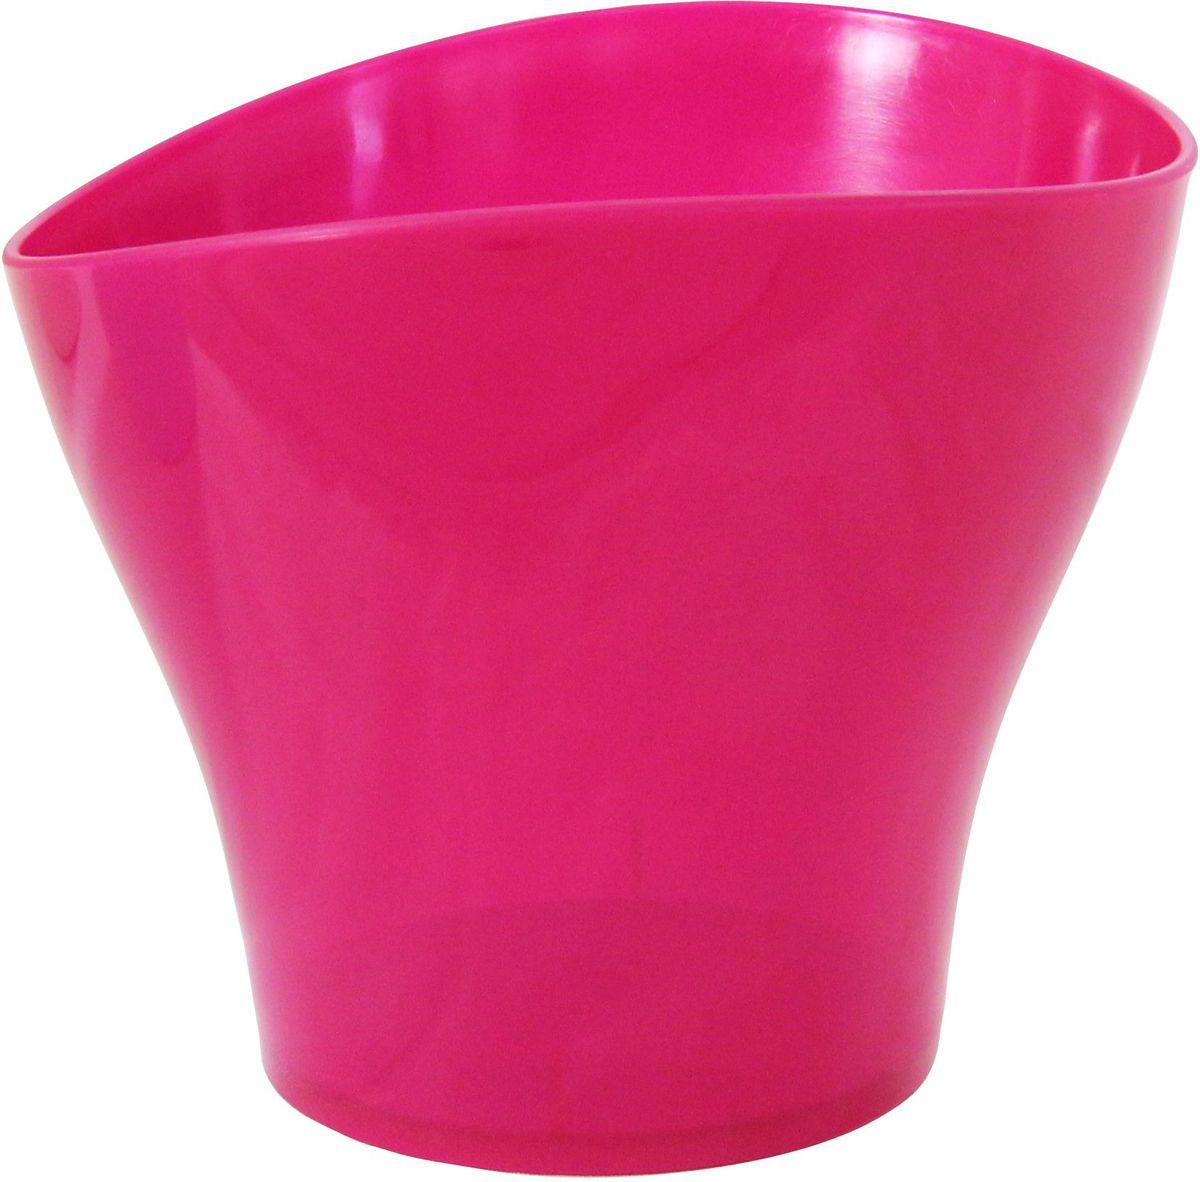 Кашпо Idea Волна, цвет: малиновый, прозрачный, 1,6 лМ 3103